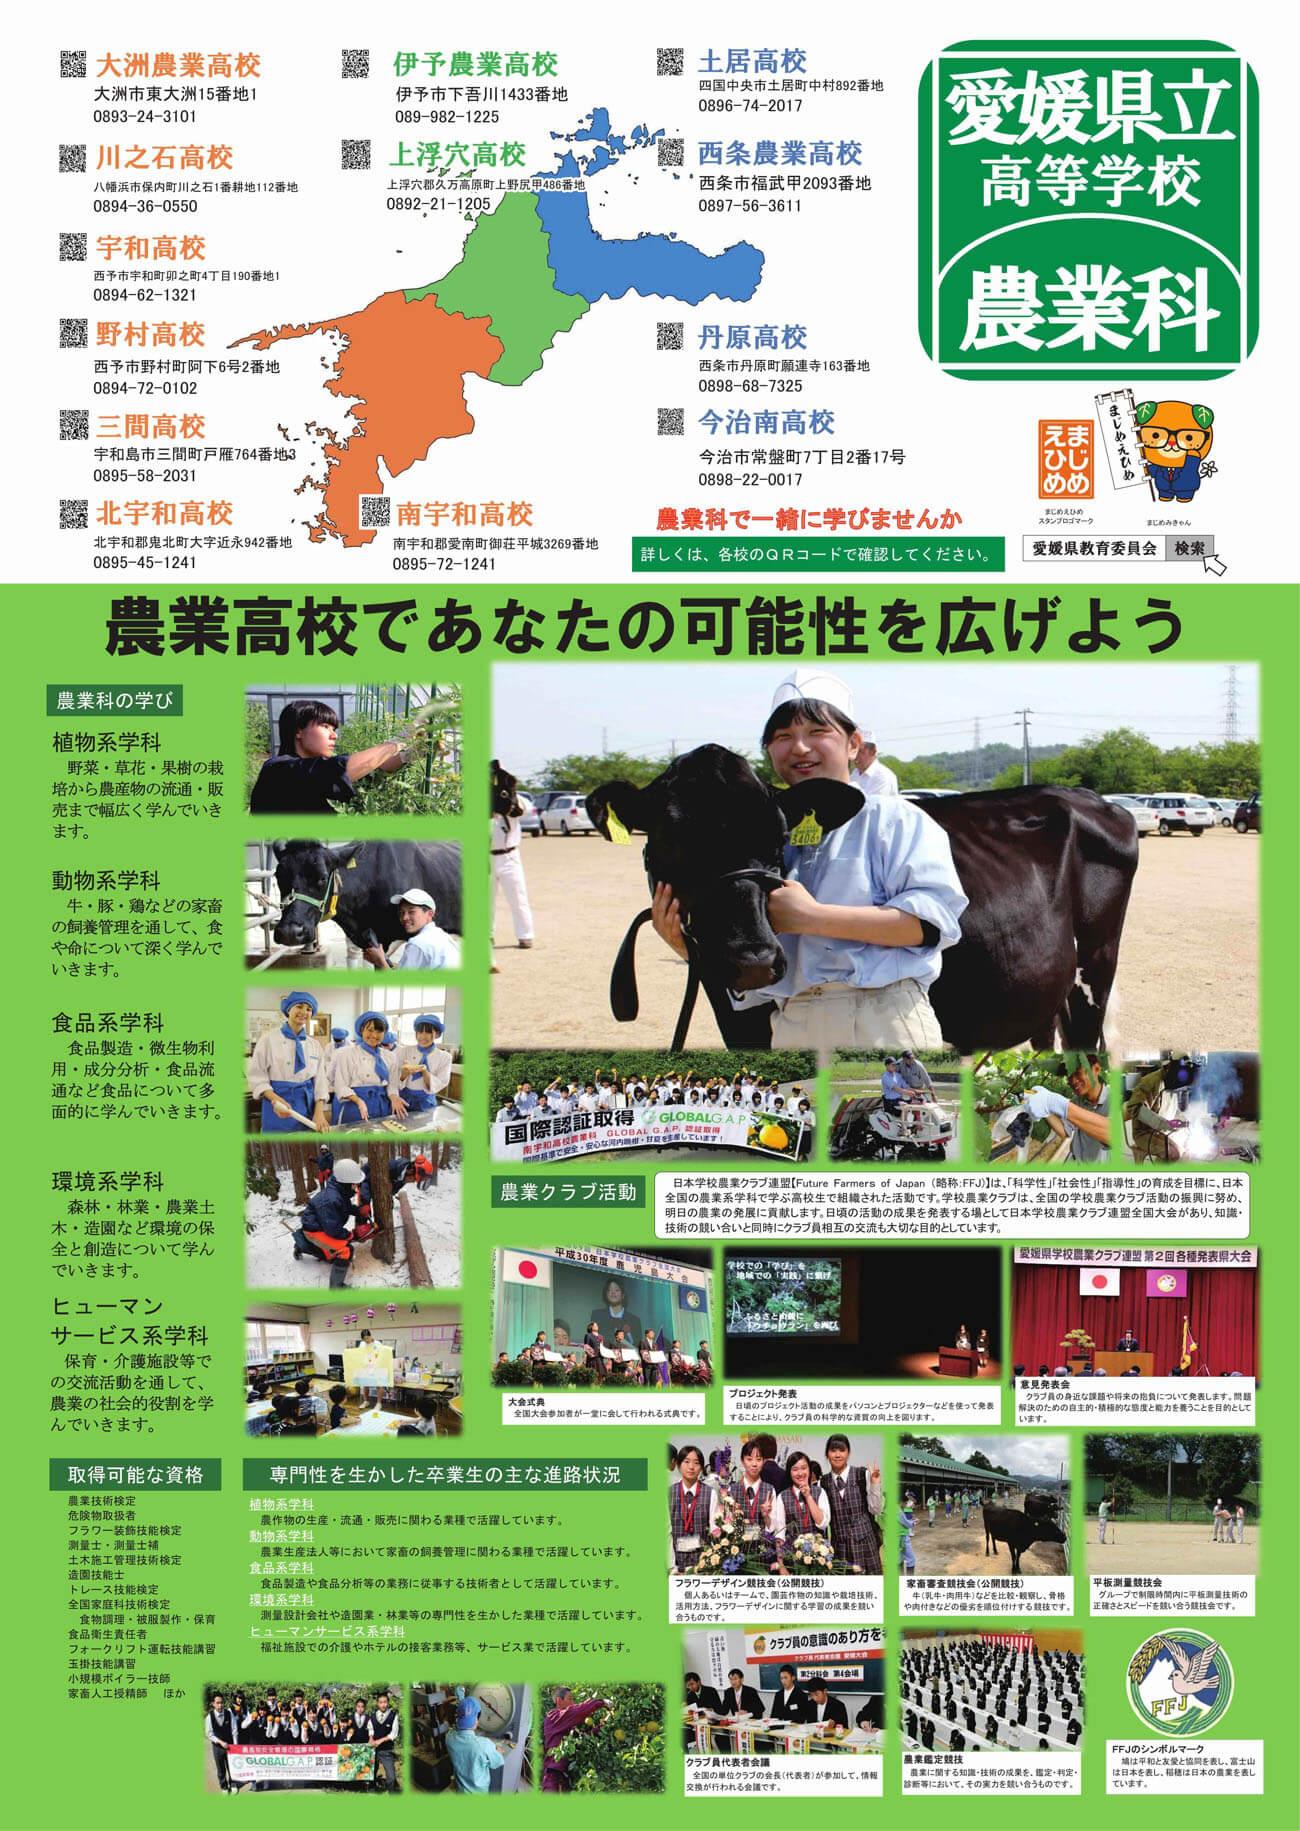 農業科紹介画像